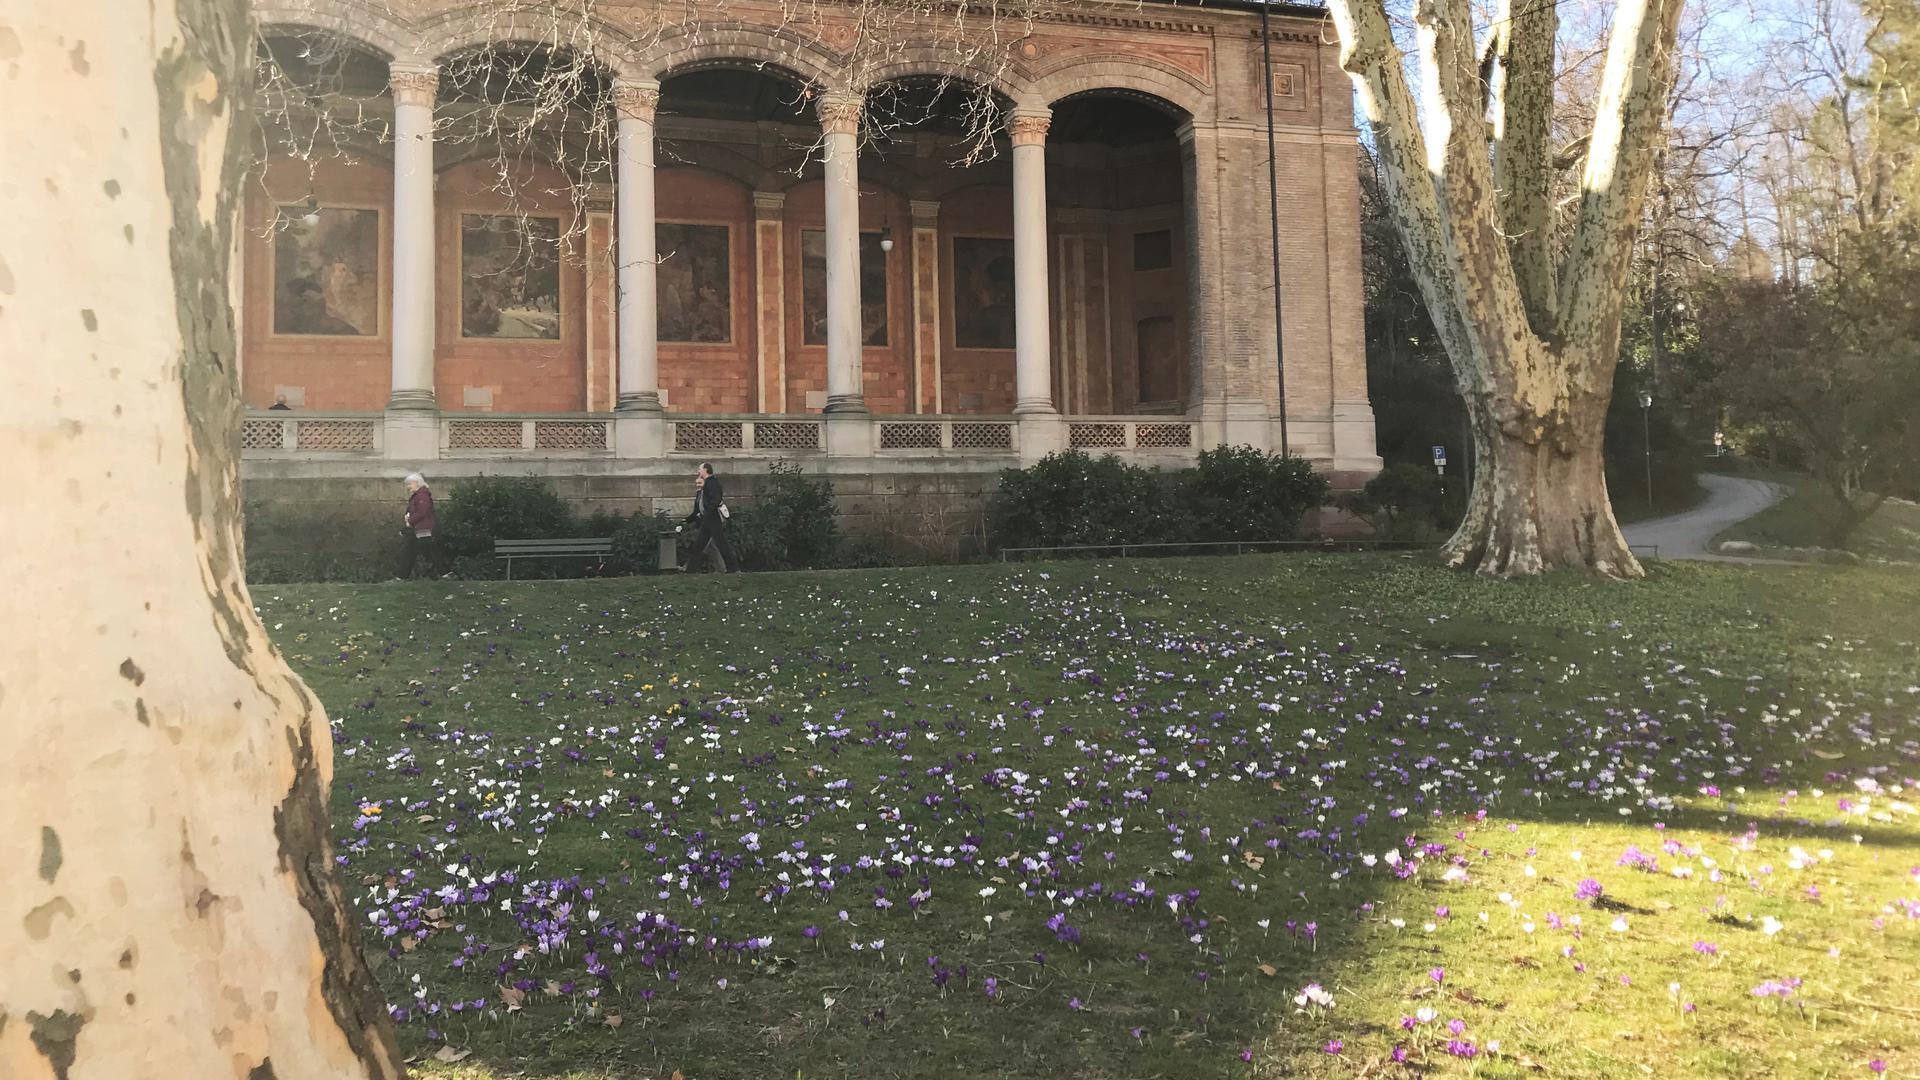 Vor der Trinkhalle in Baden-Baden blühen die Krokusse.